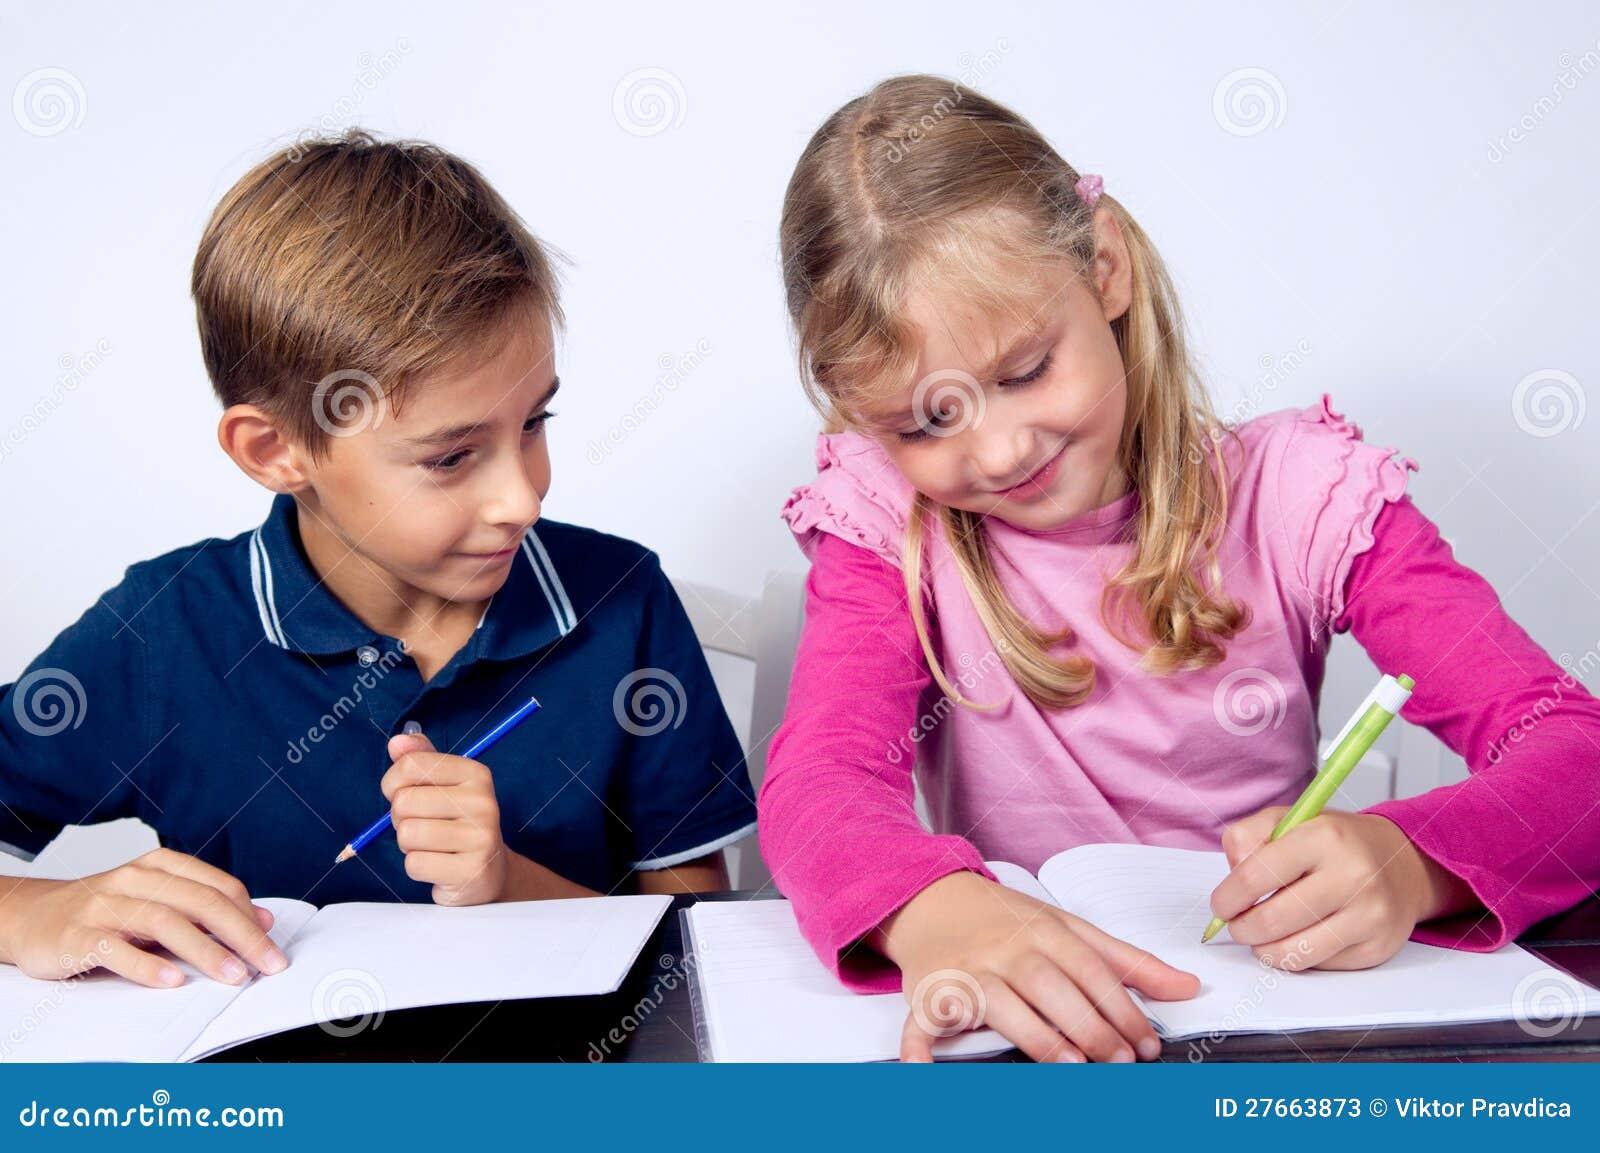 essay kid